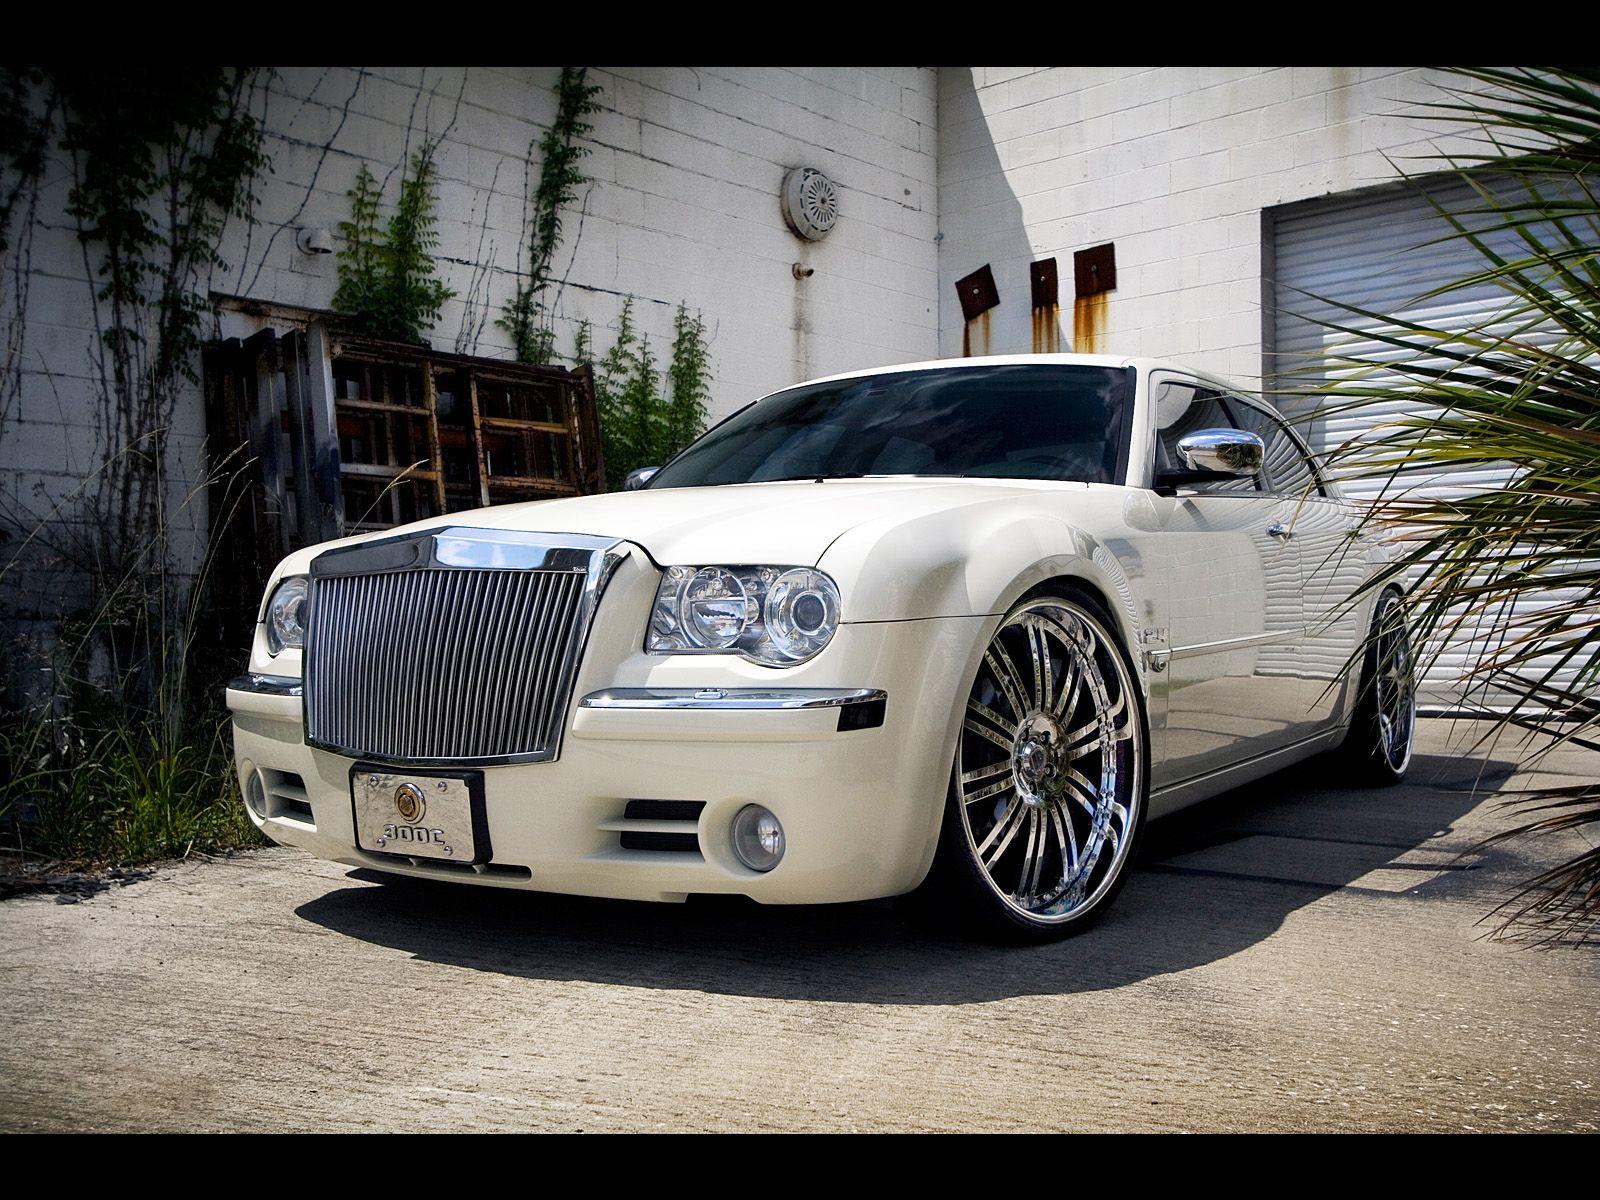 Chrysler 300c chrysler pinterest chrysler 300c and cars chrysler 300c vanachro Image collections